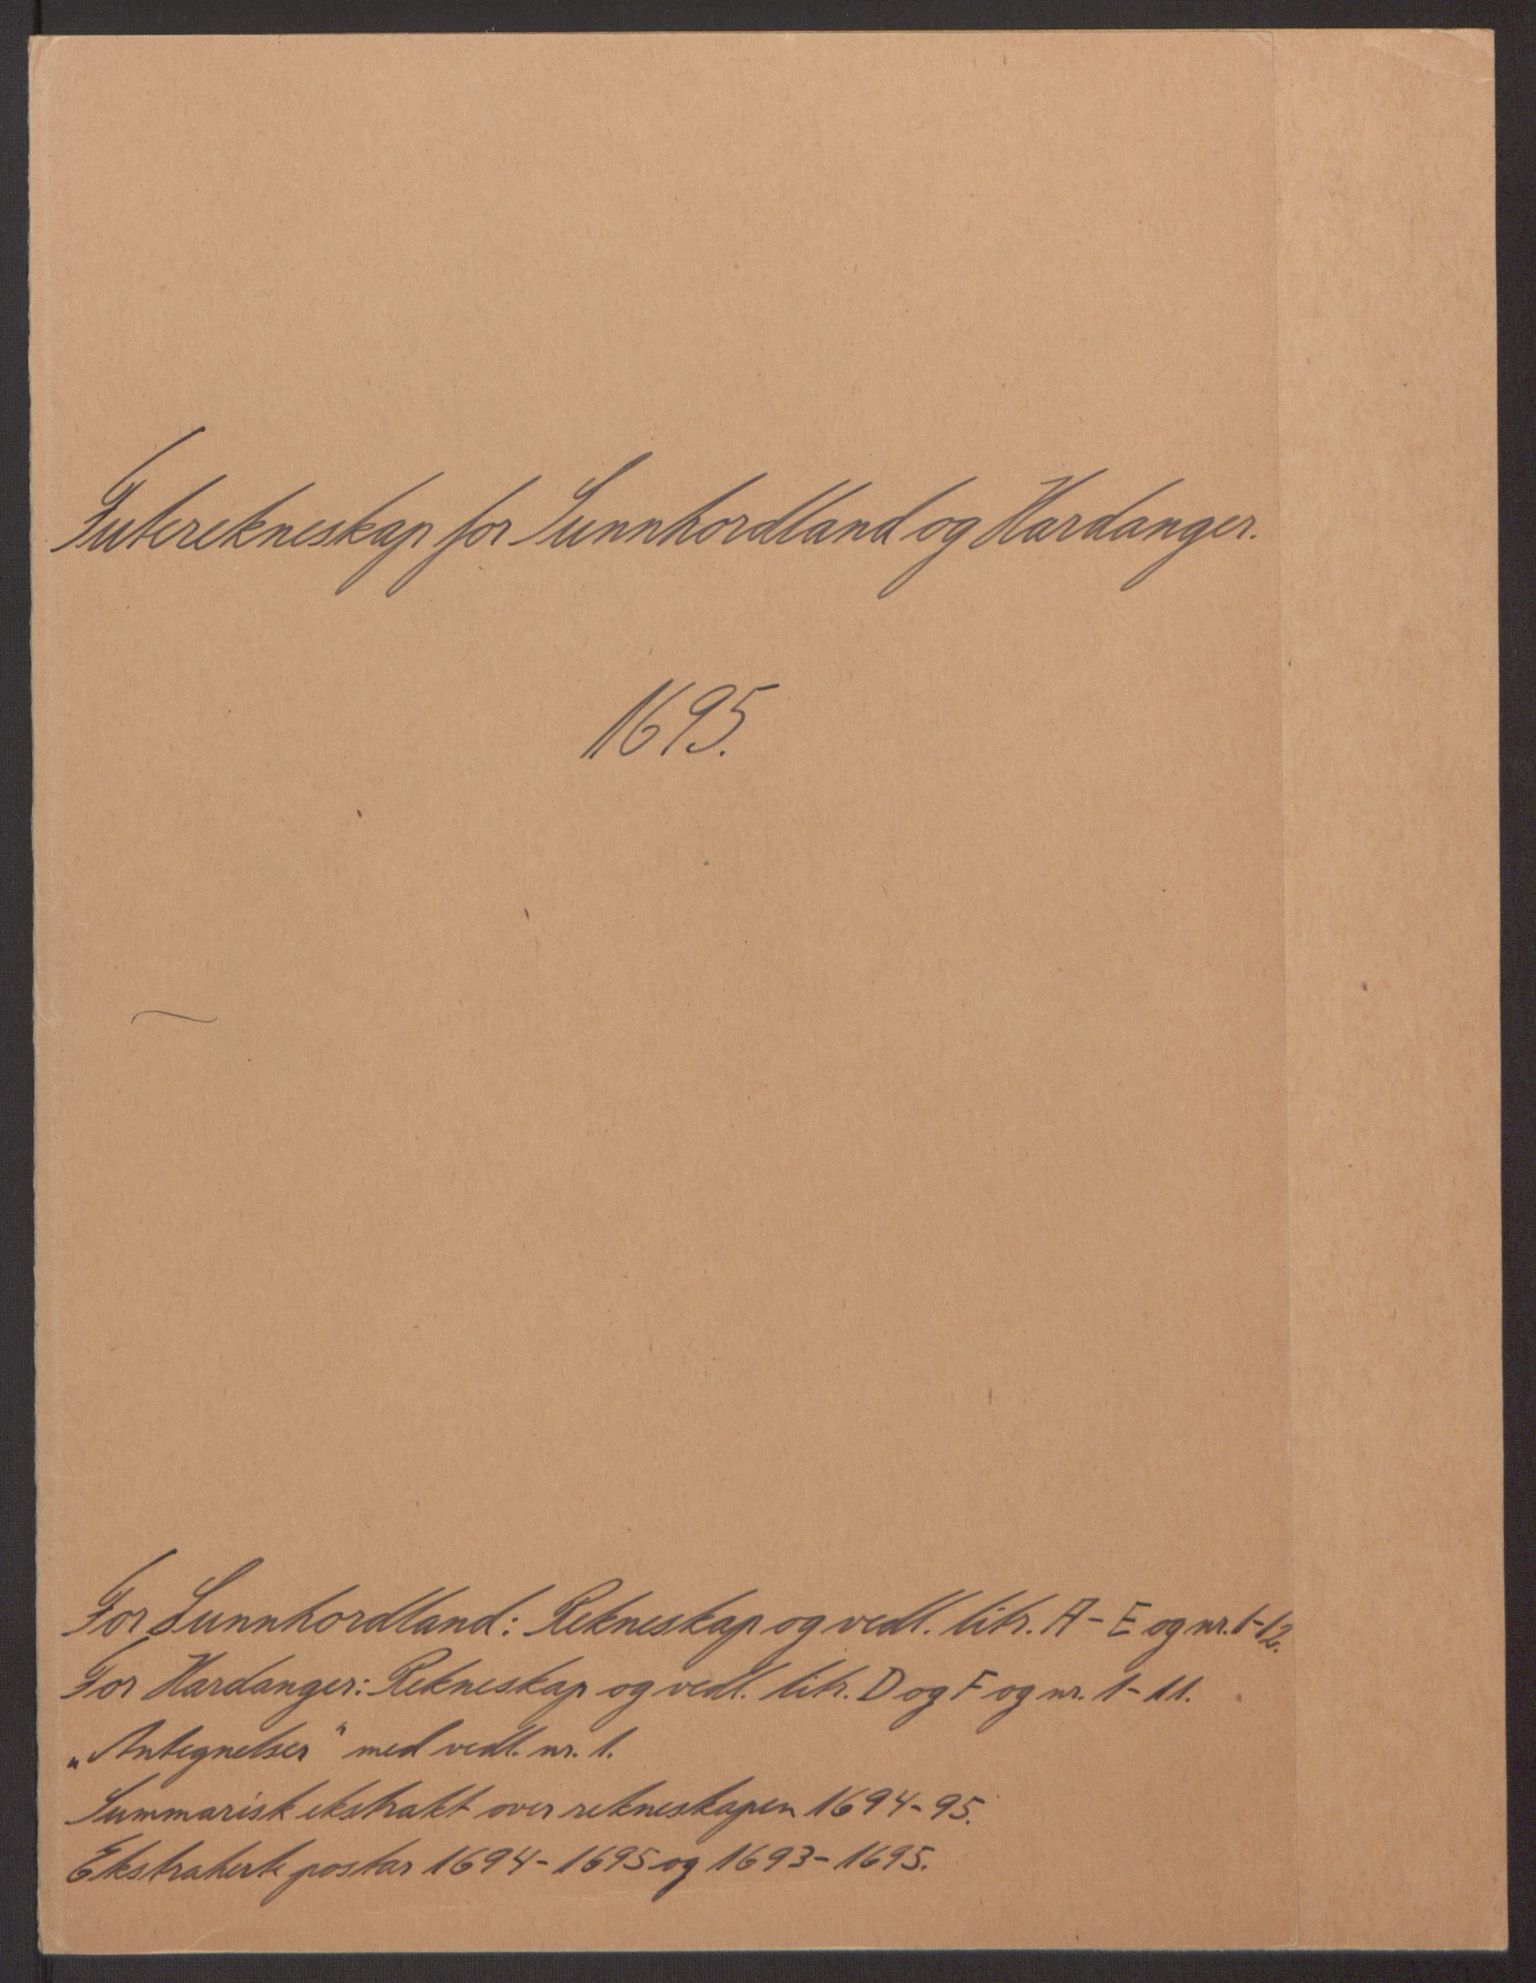 RA, Rentekammeret inntil 1814, Reviderte regnskaper, Fogderegnskap, R48/L2976: Fogderegnskap Sunnhordland og Hardanger, 1695-1696, s. 2